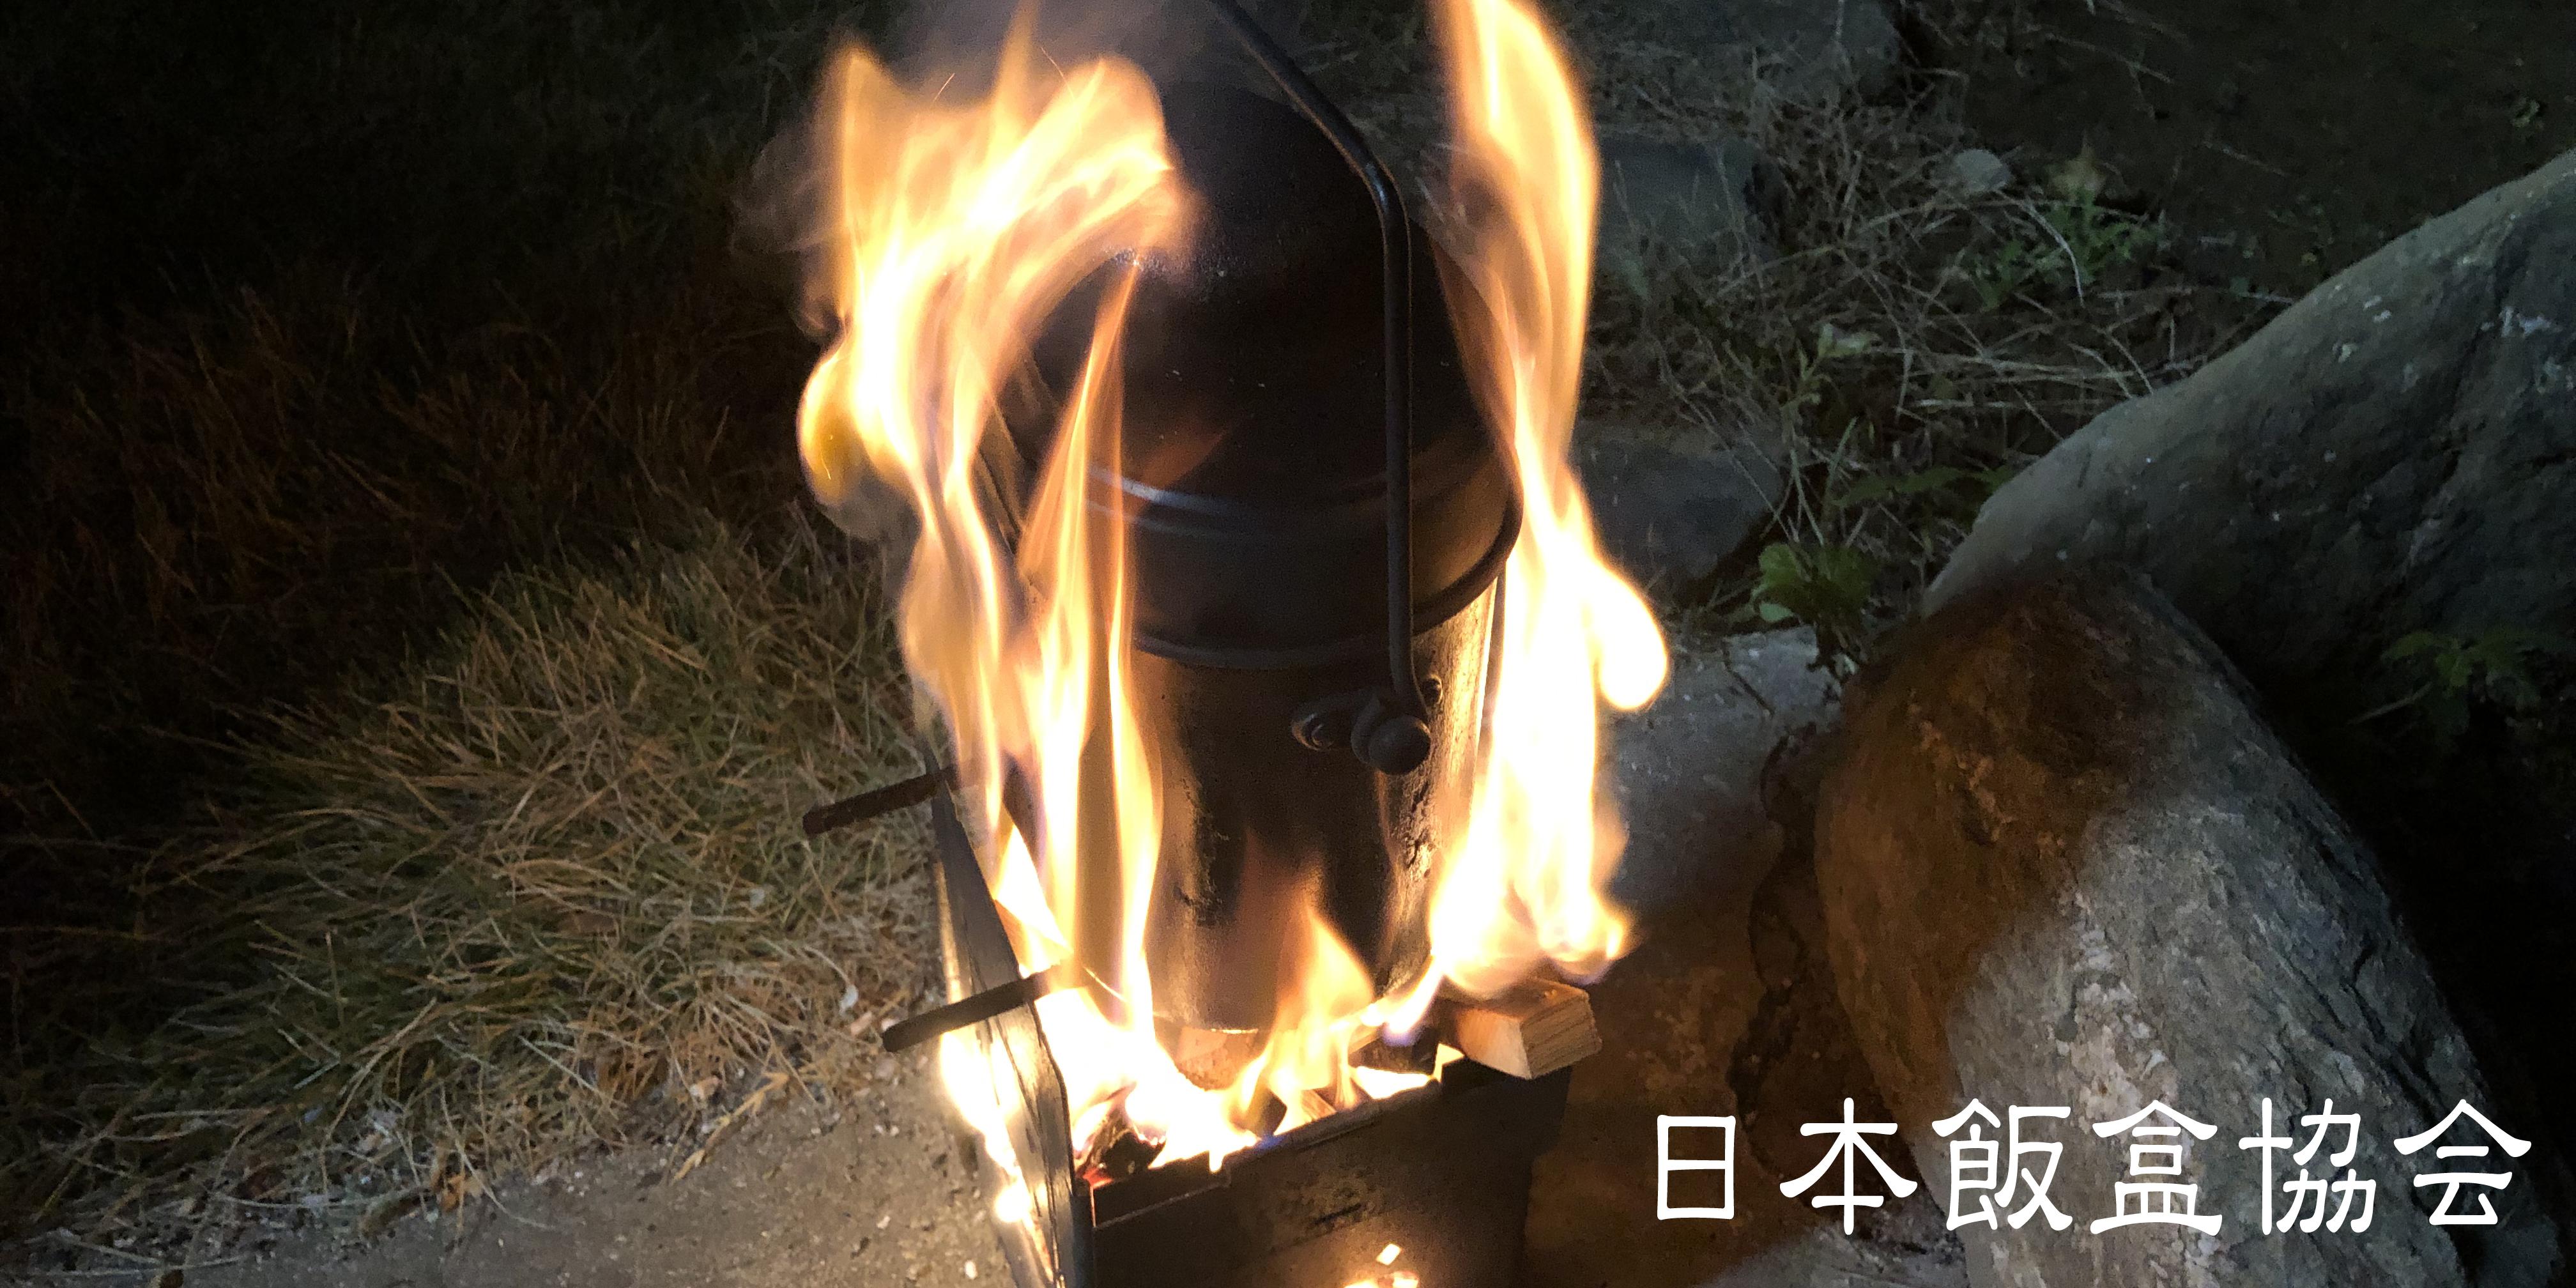 【日本飯盒協会】